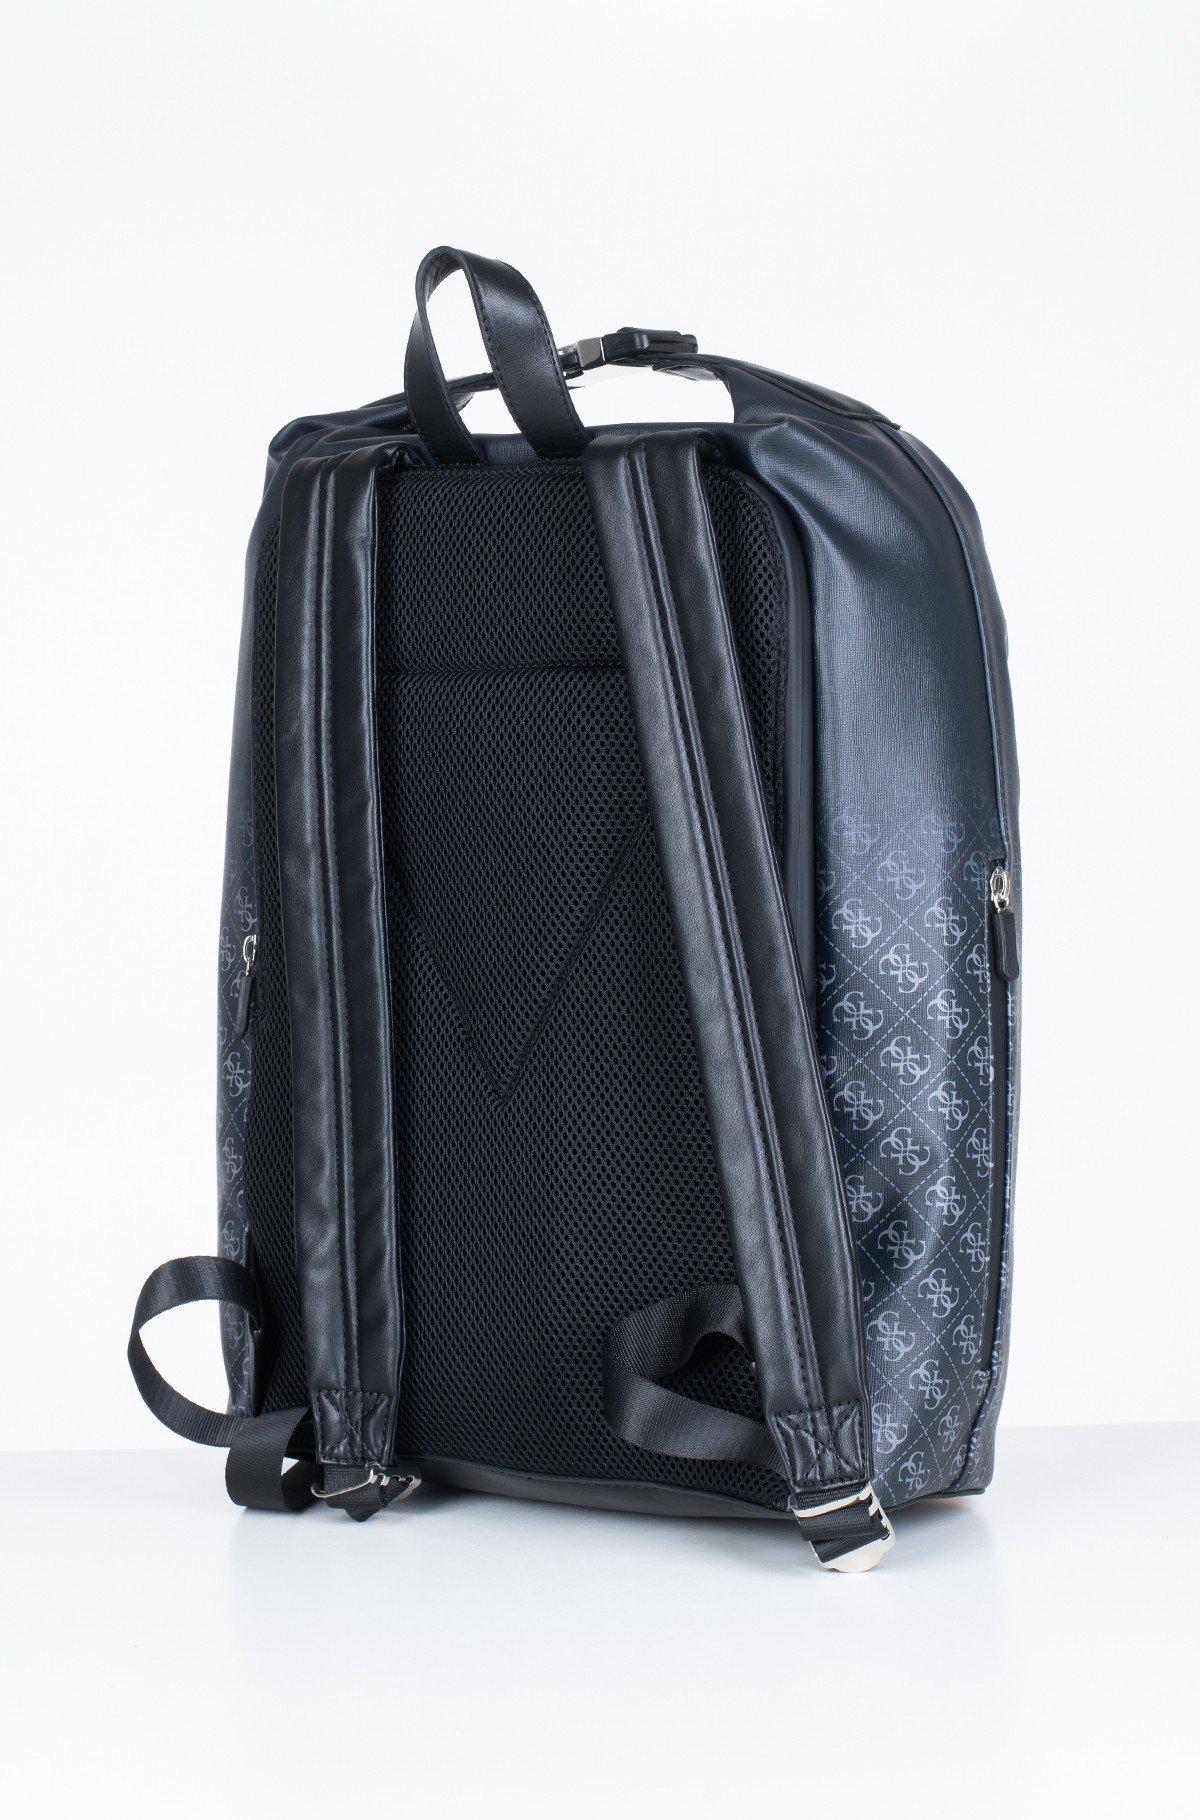 Backbag HM6844 PL201-full-3